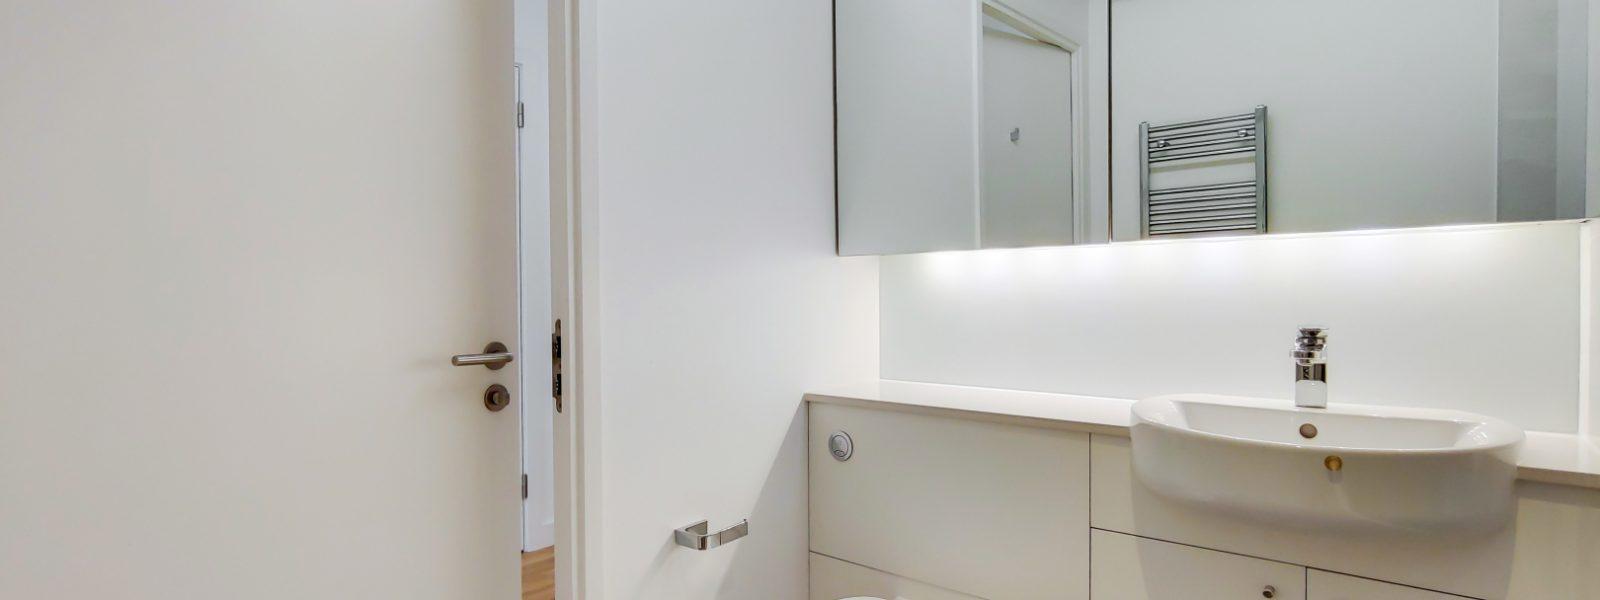 6_Bathroom-0